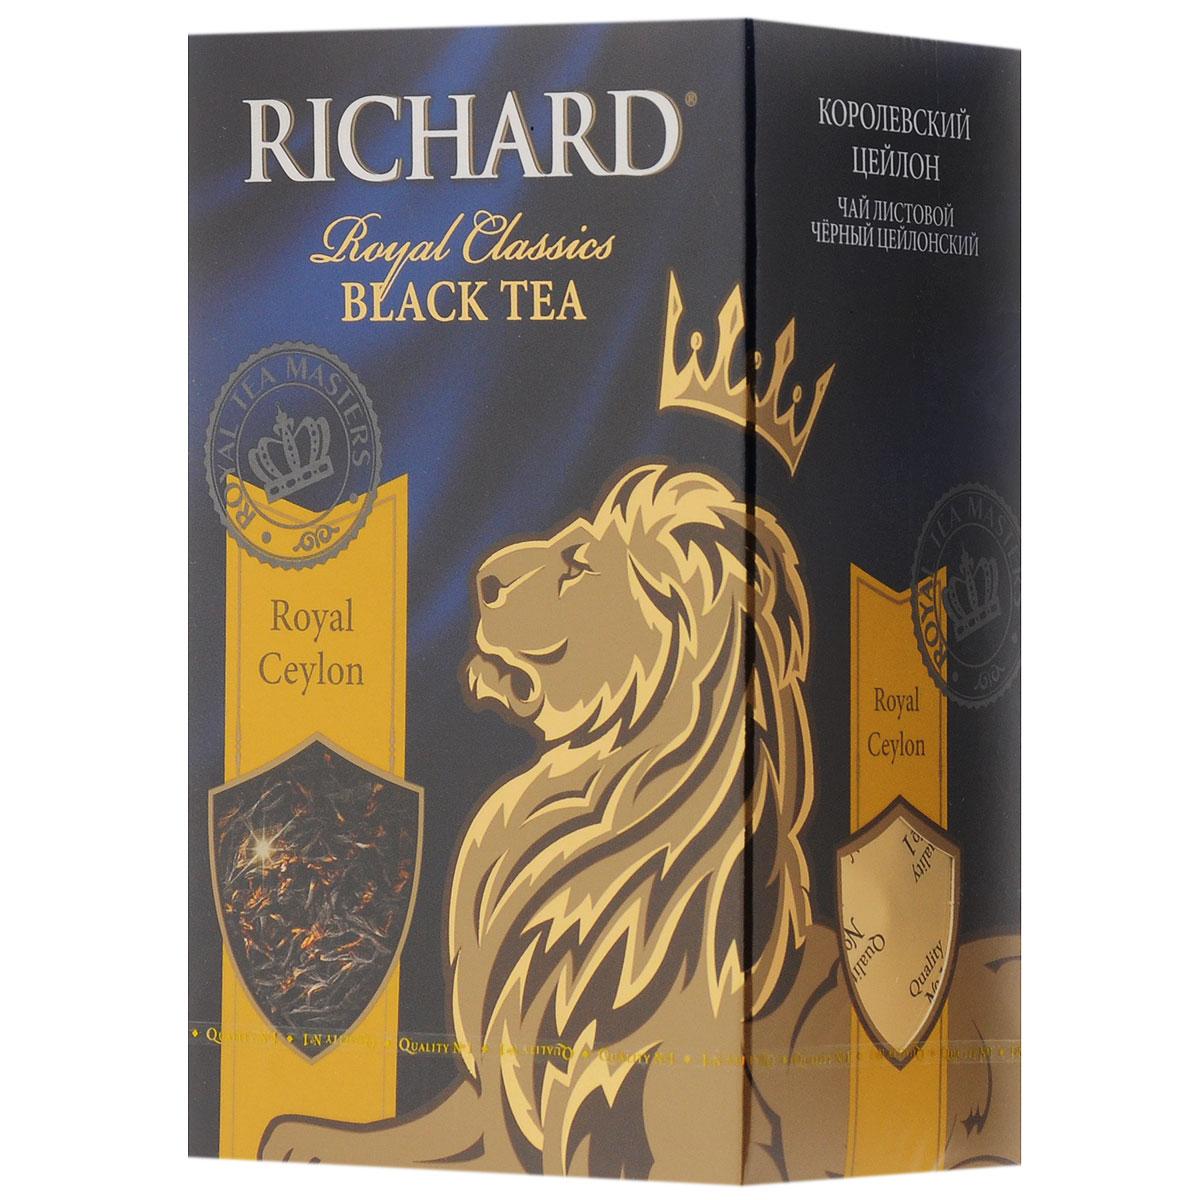 Richard Royal Ceylon черный листовой чай, 90 г4031646Richard Royal Ceylon - листовой черный цейлонский чай, который подарит вам классический вкус и аромат каждое утро. Всё о чае: сорта, факты, советы по выбору и употреблению. Статья OZON Гид